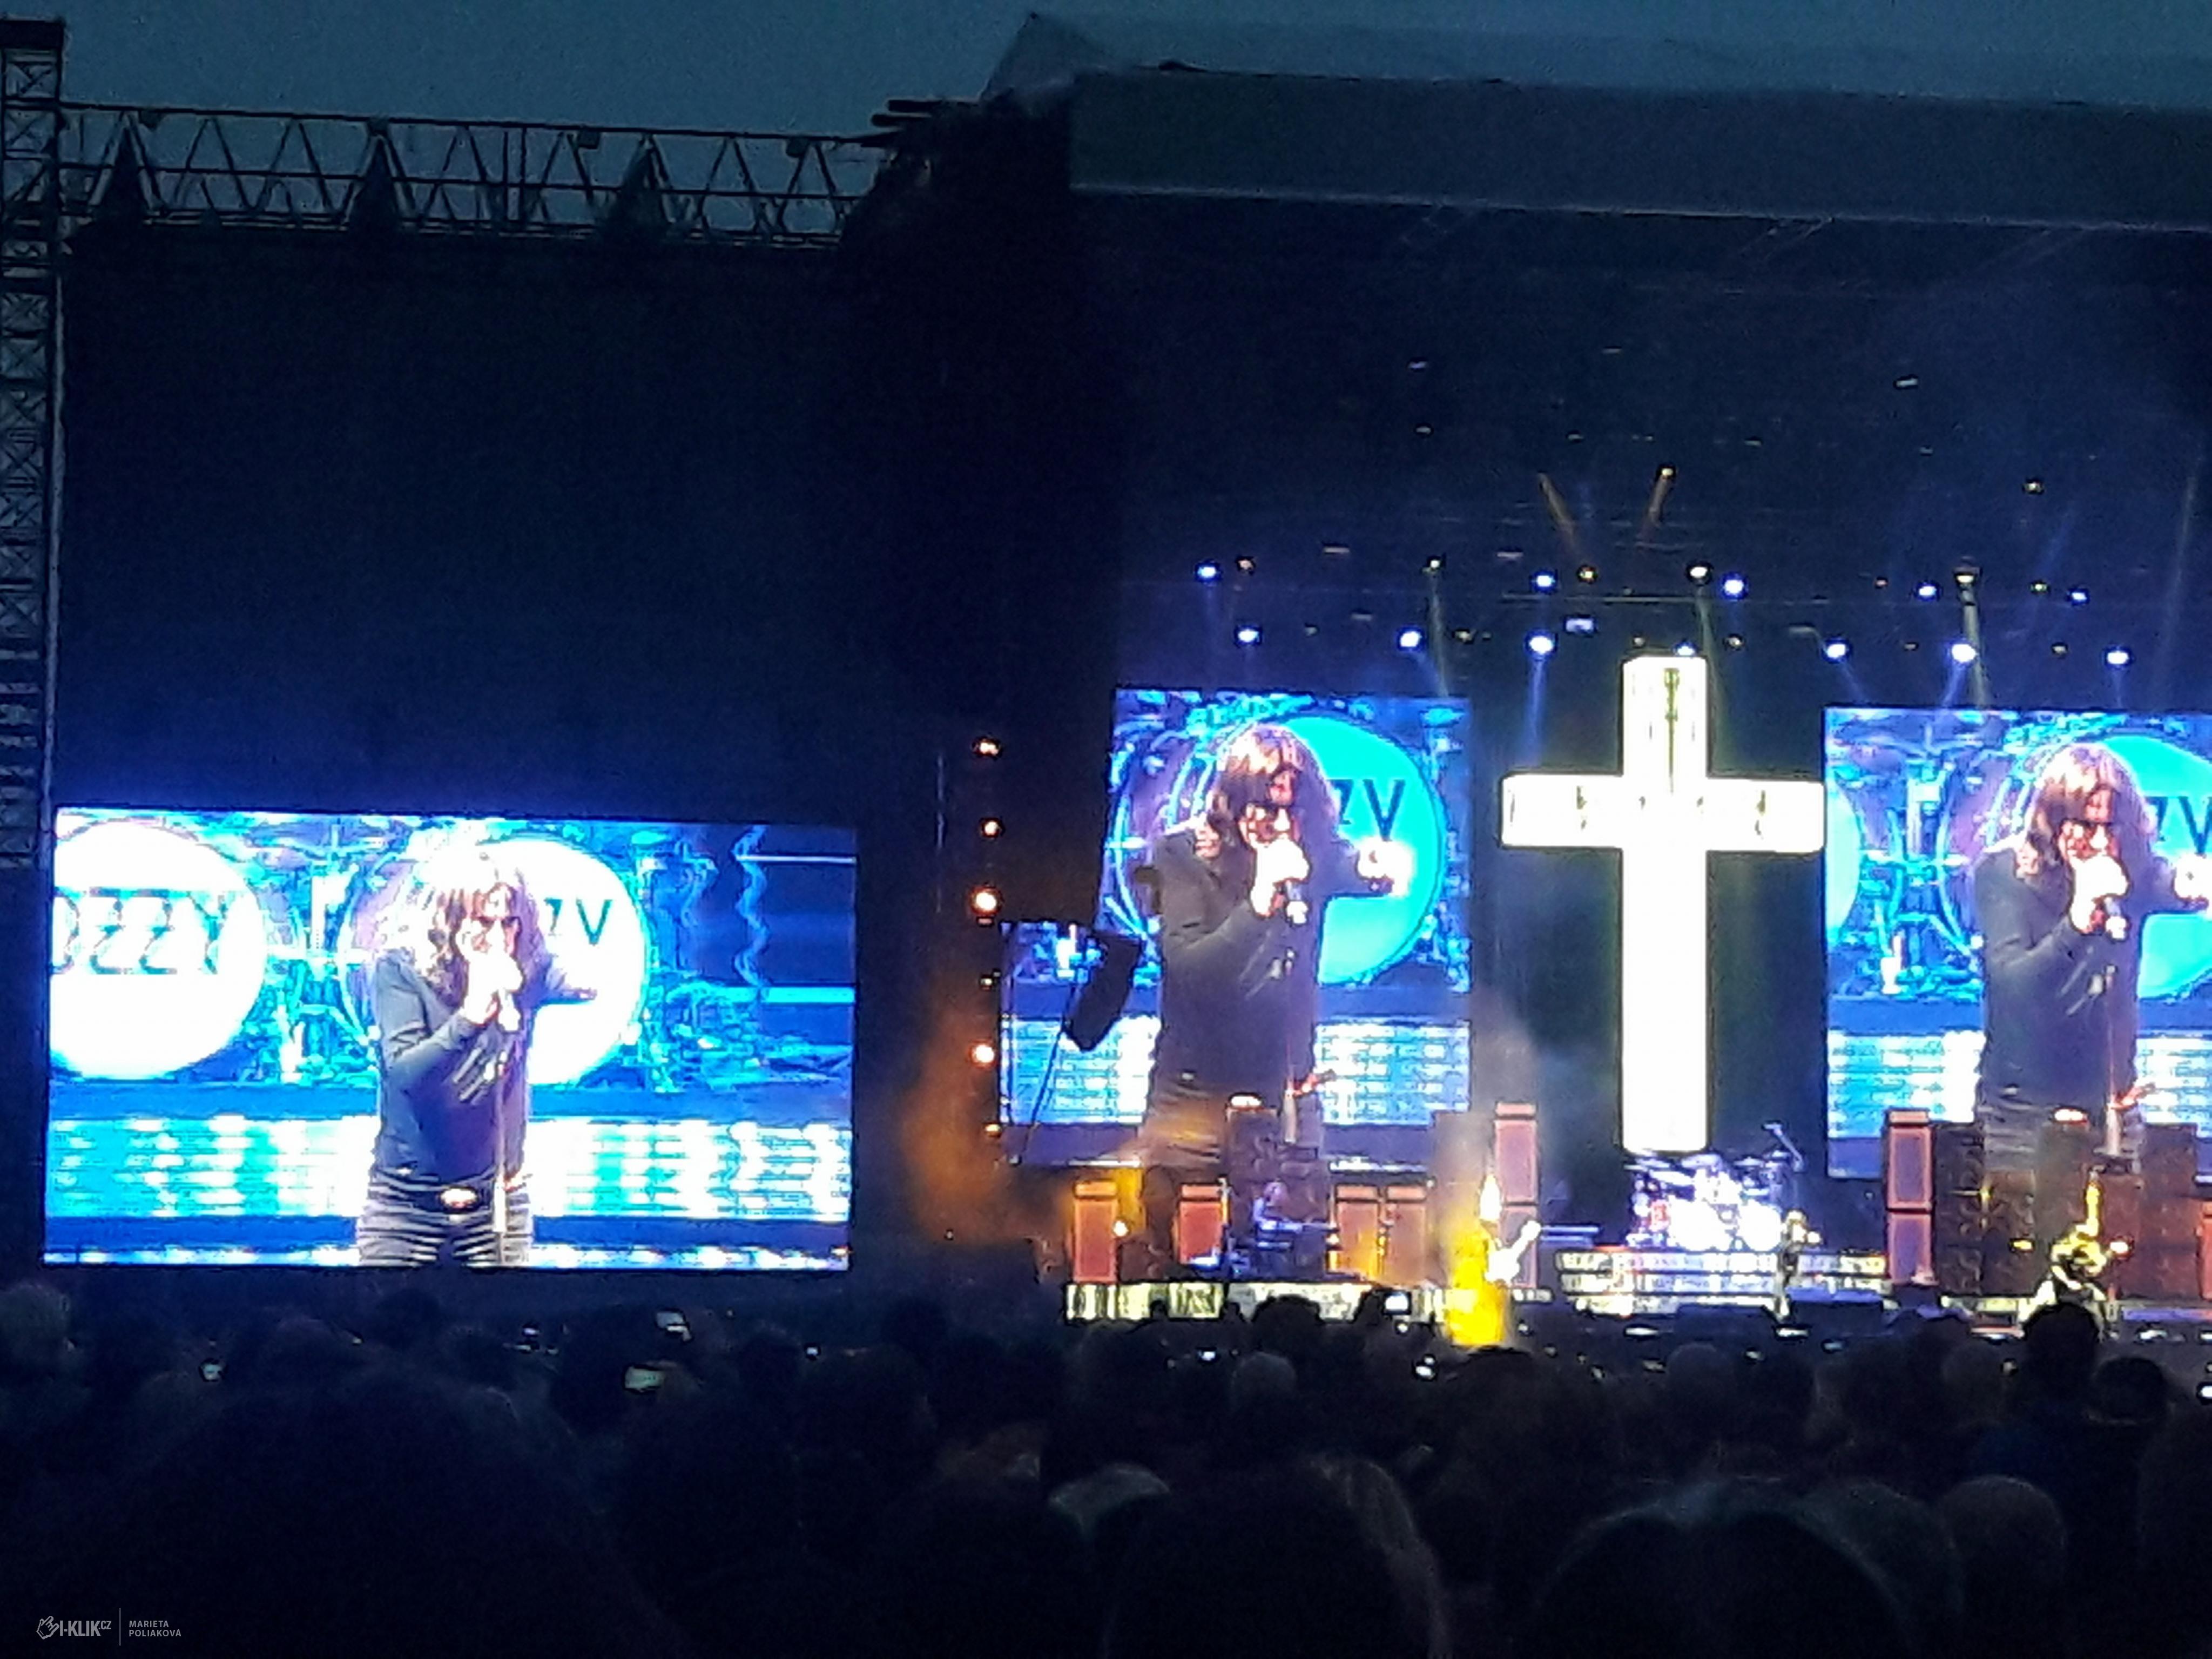 Koncert Ozzyho nezačal nejšťastněji, ale nakonec divákům uspokojil hudební choutky!